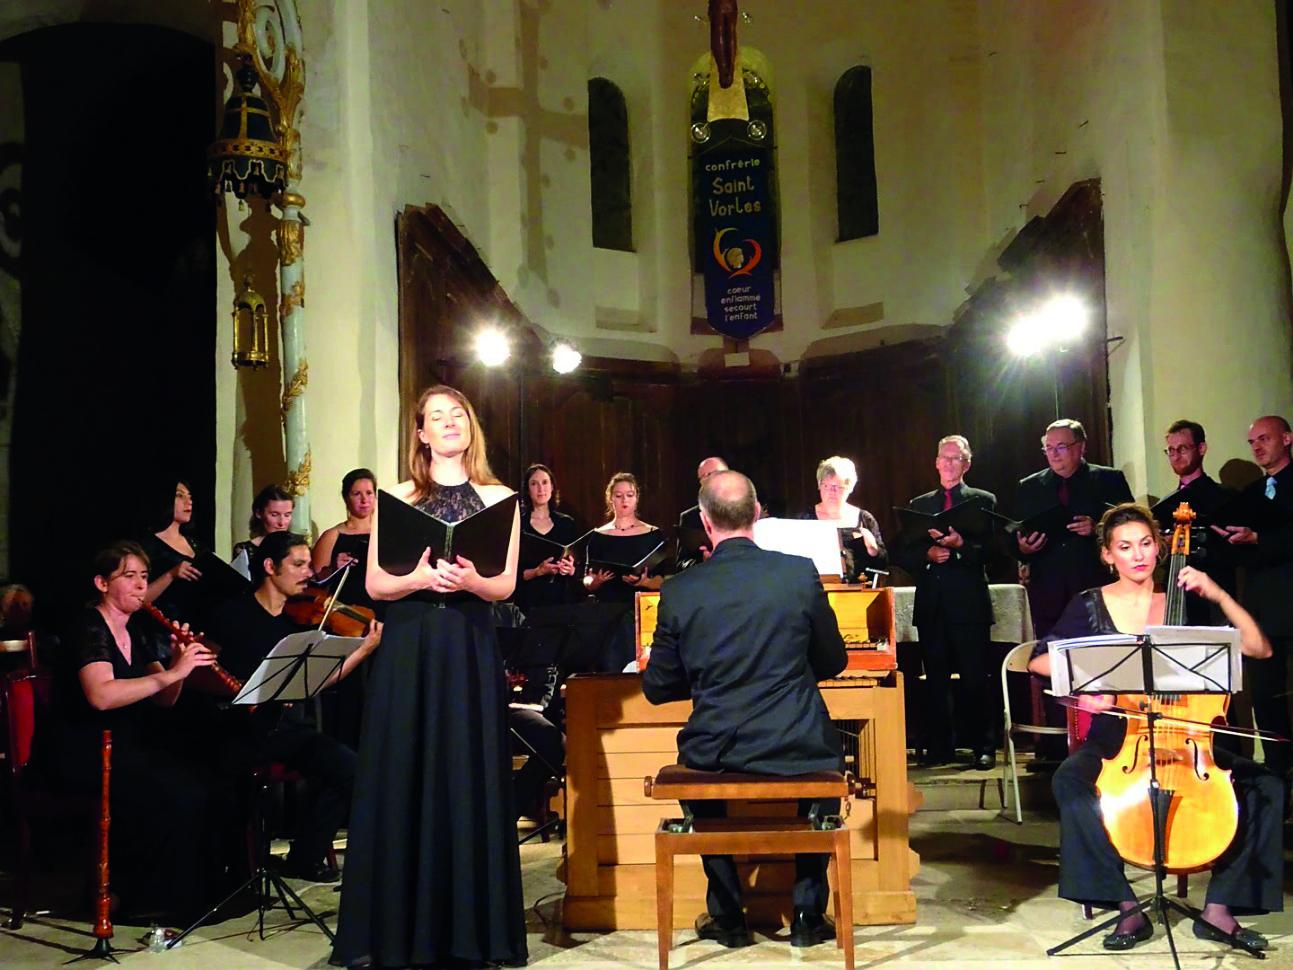 Semaine musicale de Saint-Vorles et du Châtillonnais